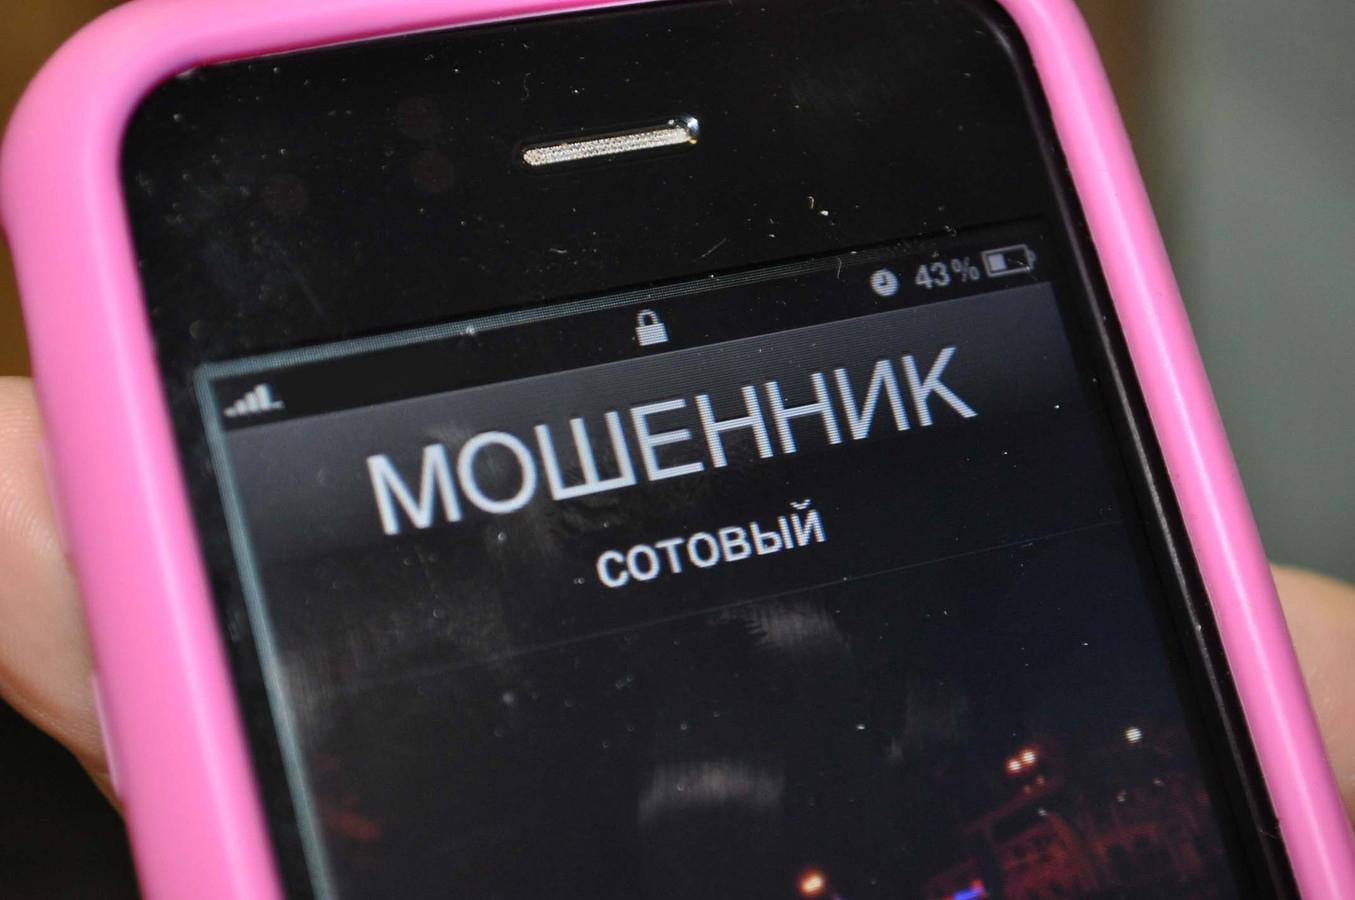 В Киеве врач-мошенник выманил у пенсионерки 6000 долларов